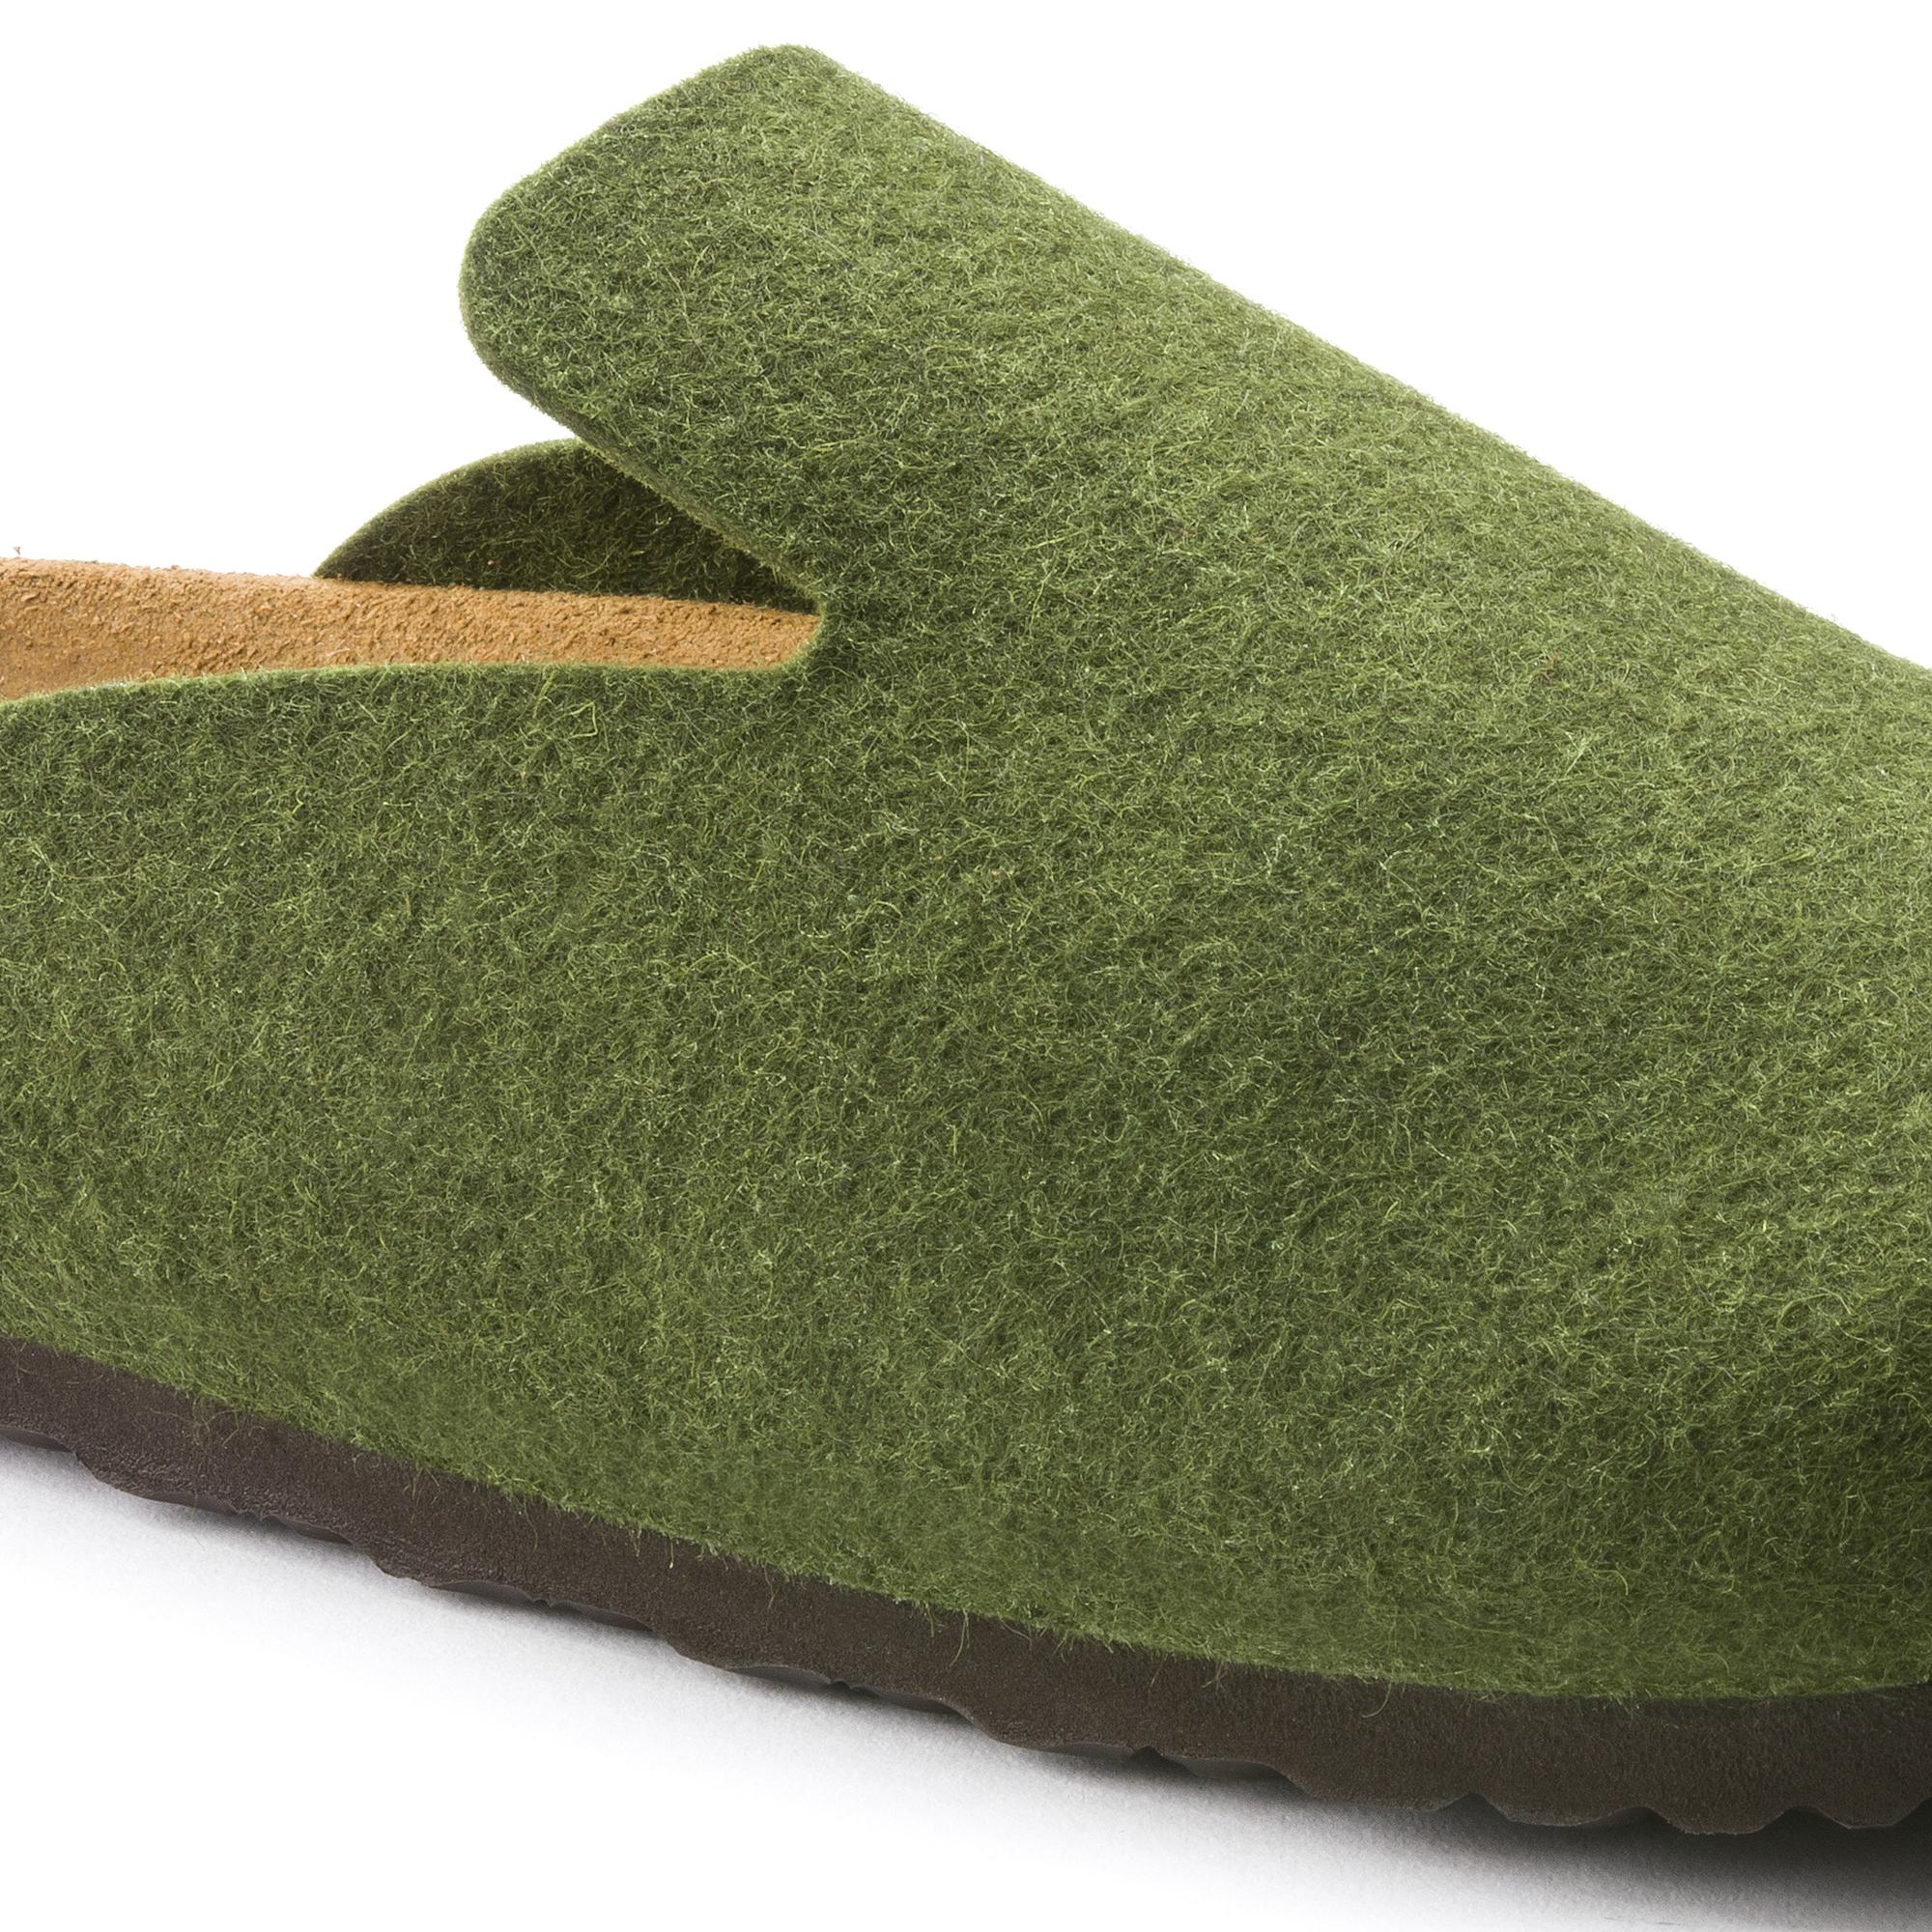 Details about NEW Birkenstock Ladies Brown Felt Clogs Mules Sandals UK Size 4.5 EU 37